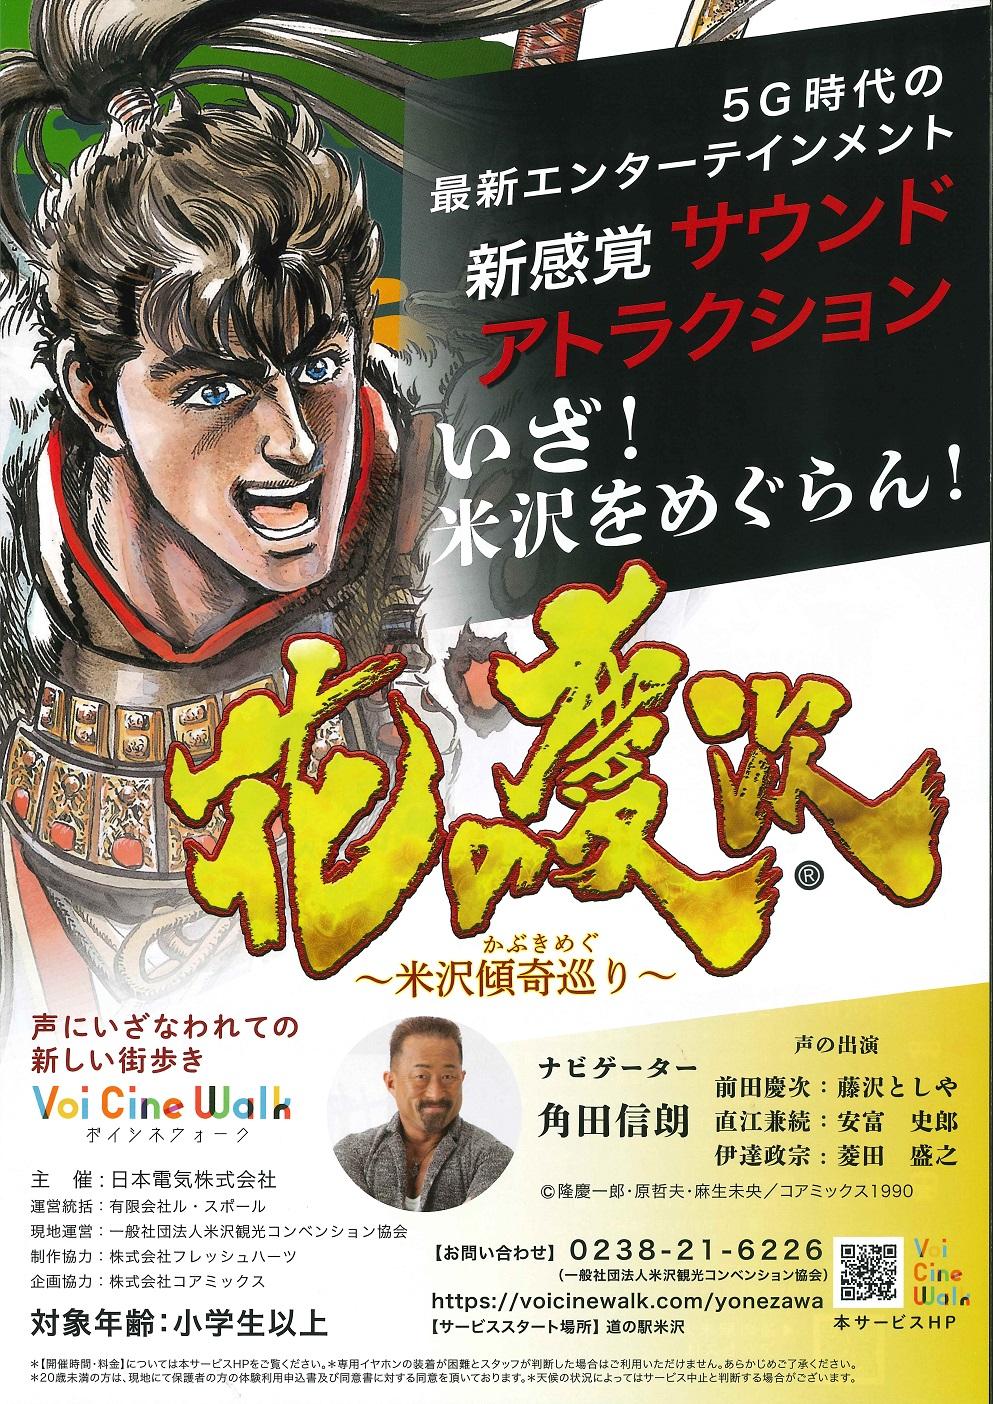 ボイシネウォーク「花の慶次〜米沢傾奇巡り〜」スタート!:画像